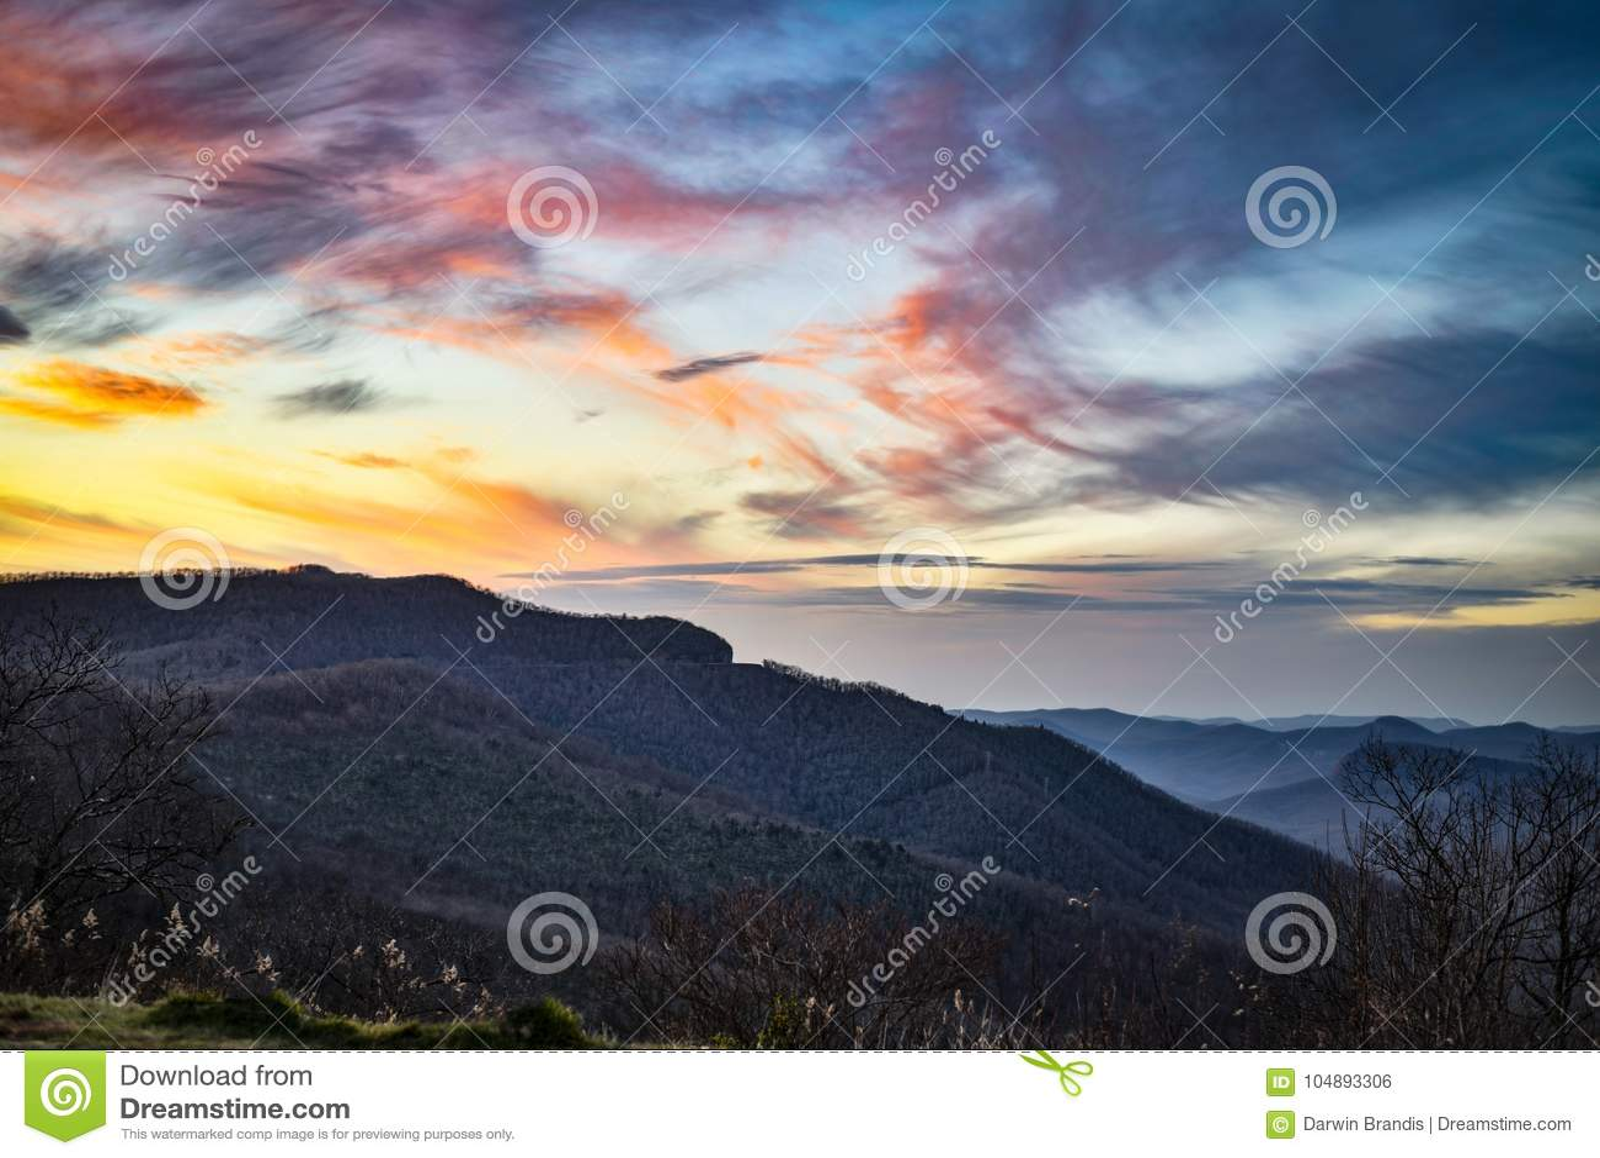 黄昏的蓝岭山脉